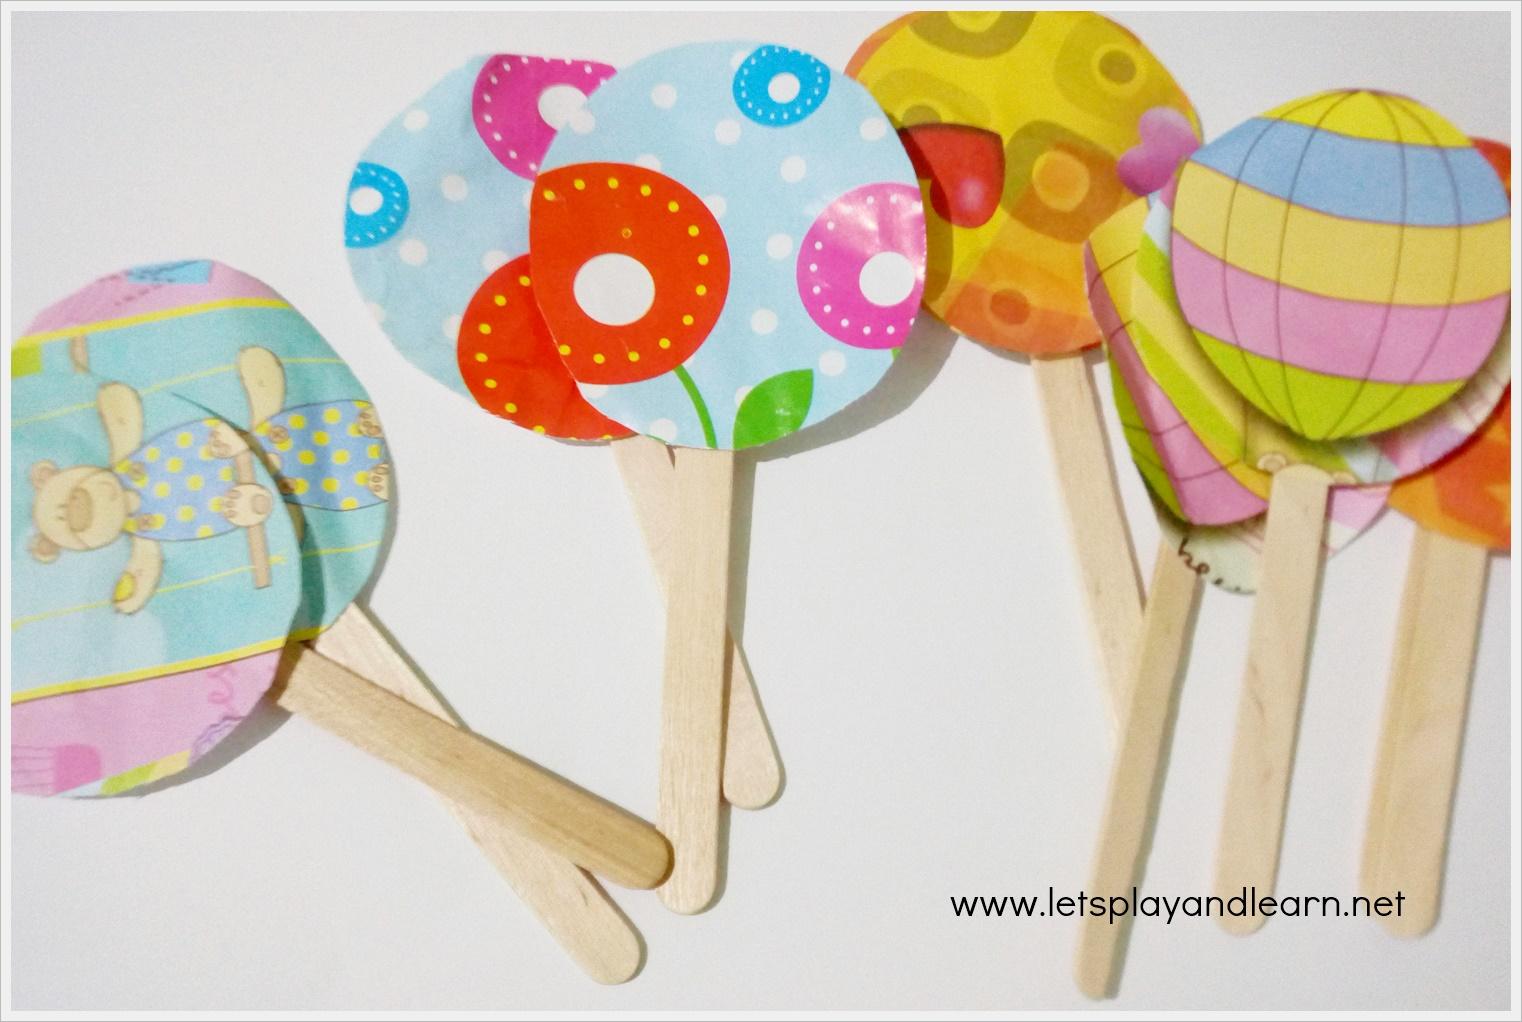 Kertas kado ini akan kita gunakan untuk membuat ipop mainan Selain kertas kado yang kita butuhkan adalah beberapa buah stik es krim gunting dan lem